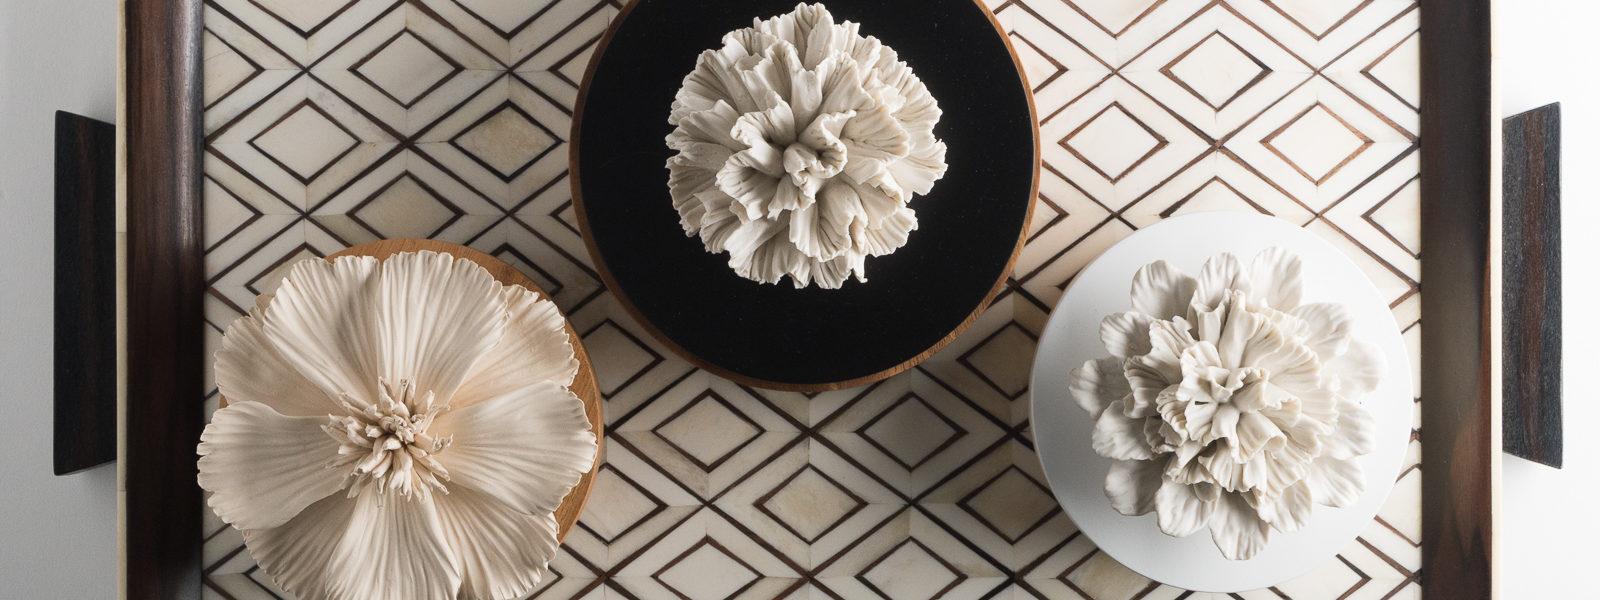 Porcelain Home Decor